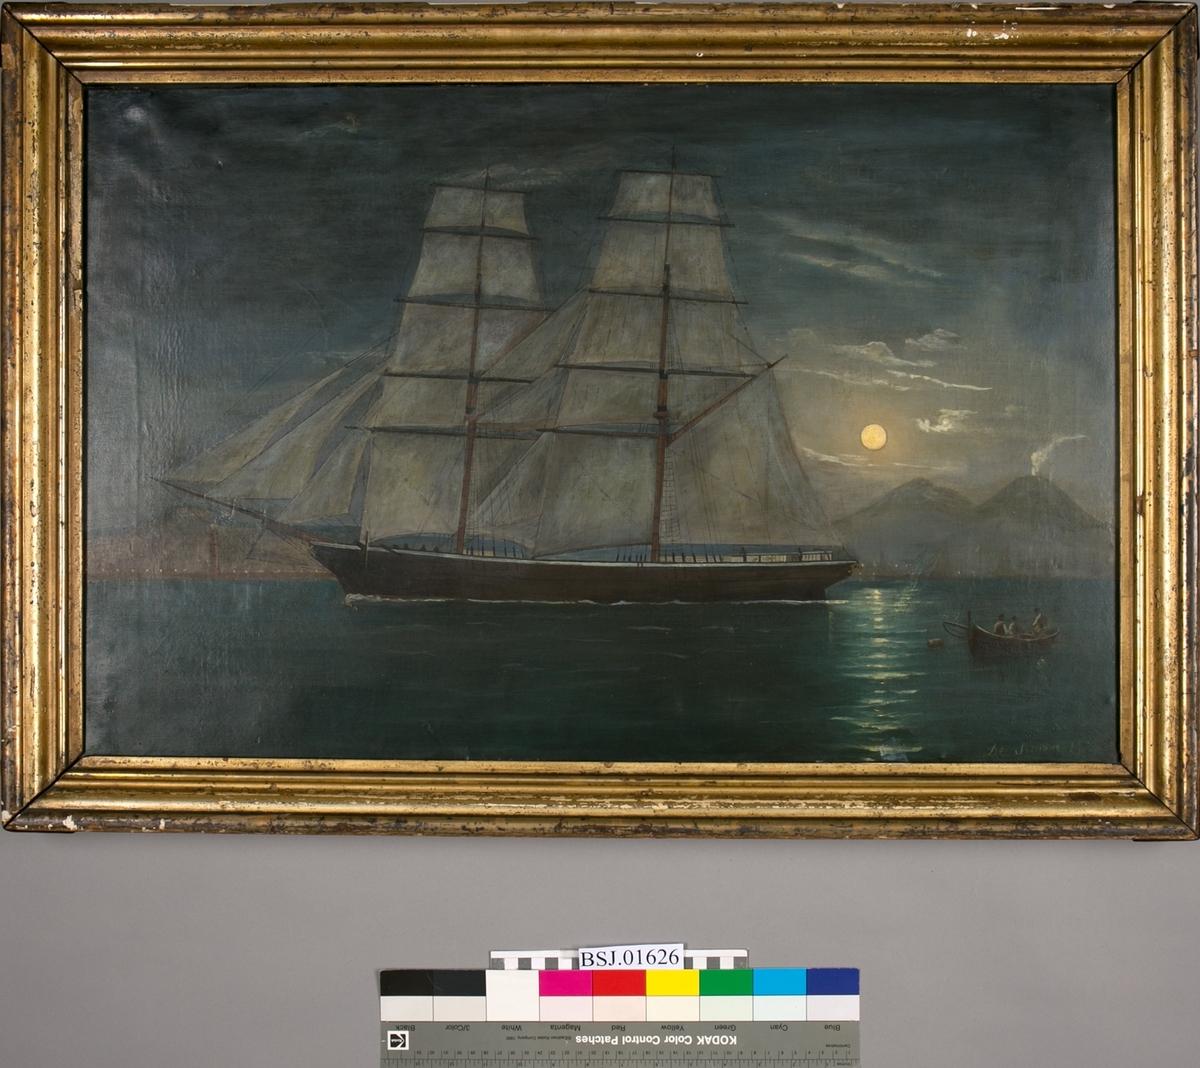 Skipsportrett av ukjent seilskip, trolig utenfor havnebyen Napoli med vulkanen Vesuv i bakgrunn. Med fullmåne i bakgrunn.